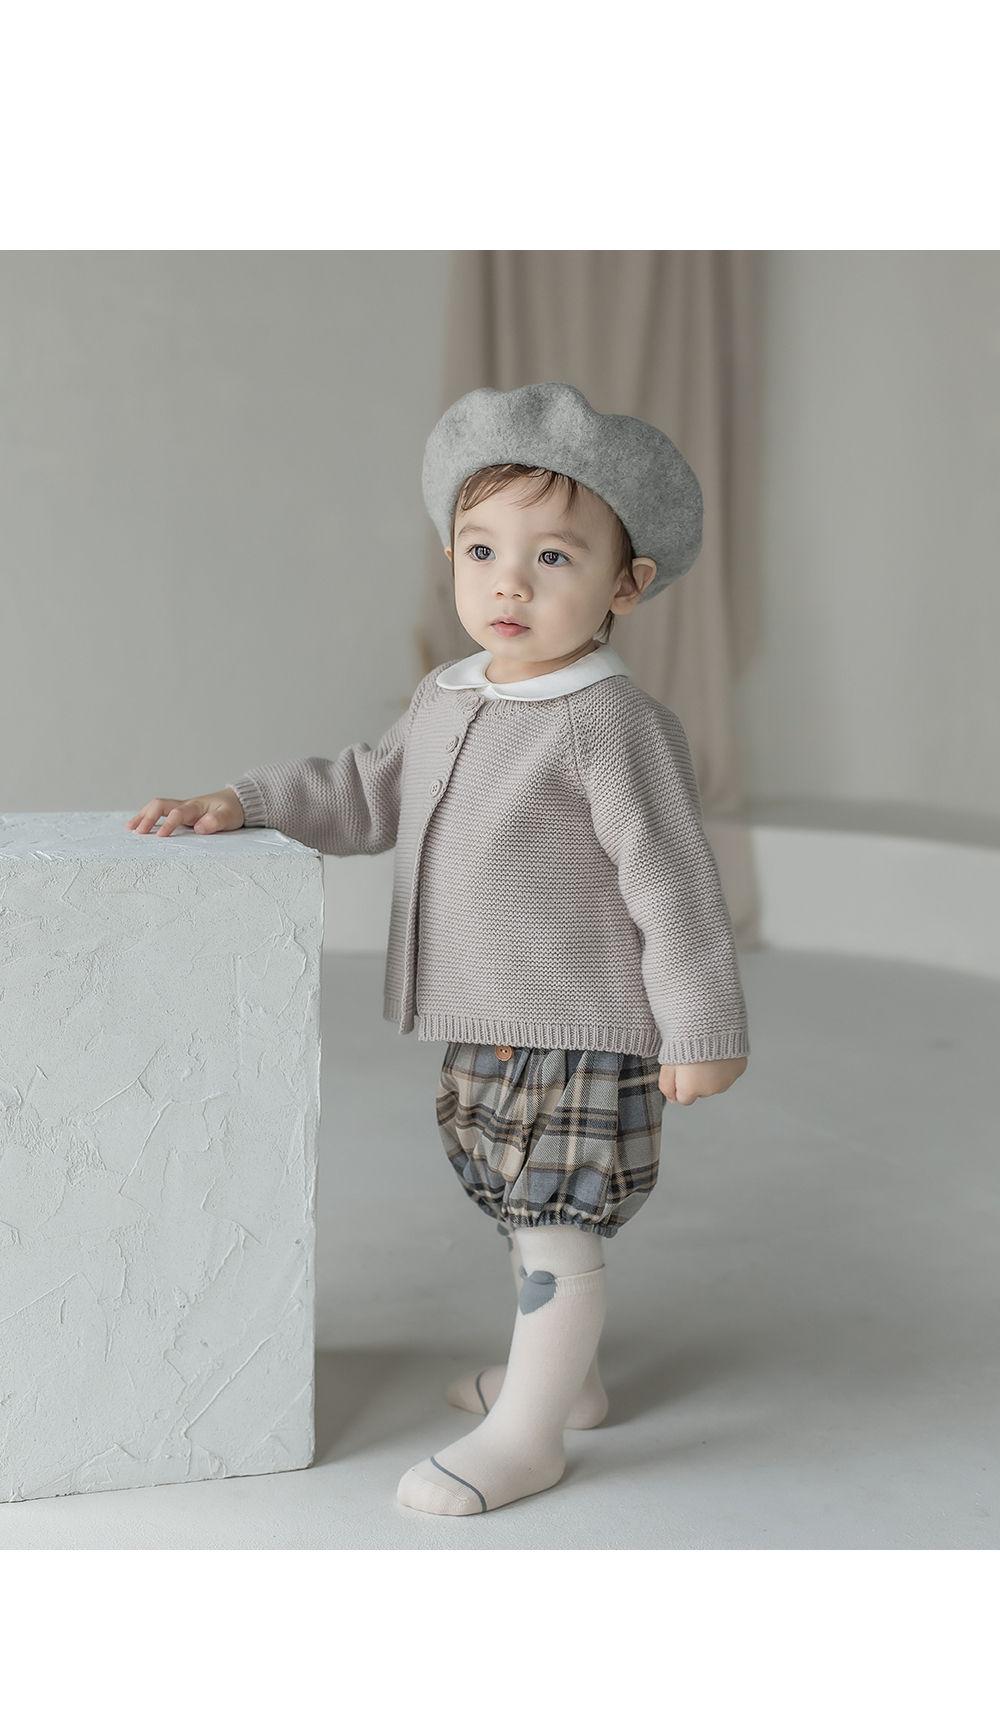 KIDS CLARA - Korean Children Fashion - #Kfashion4kids - Rio Baby Knee Socks [set of 5]